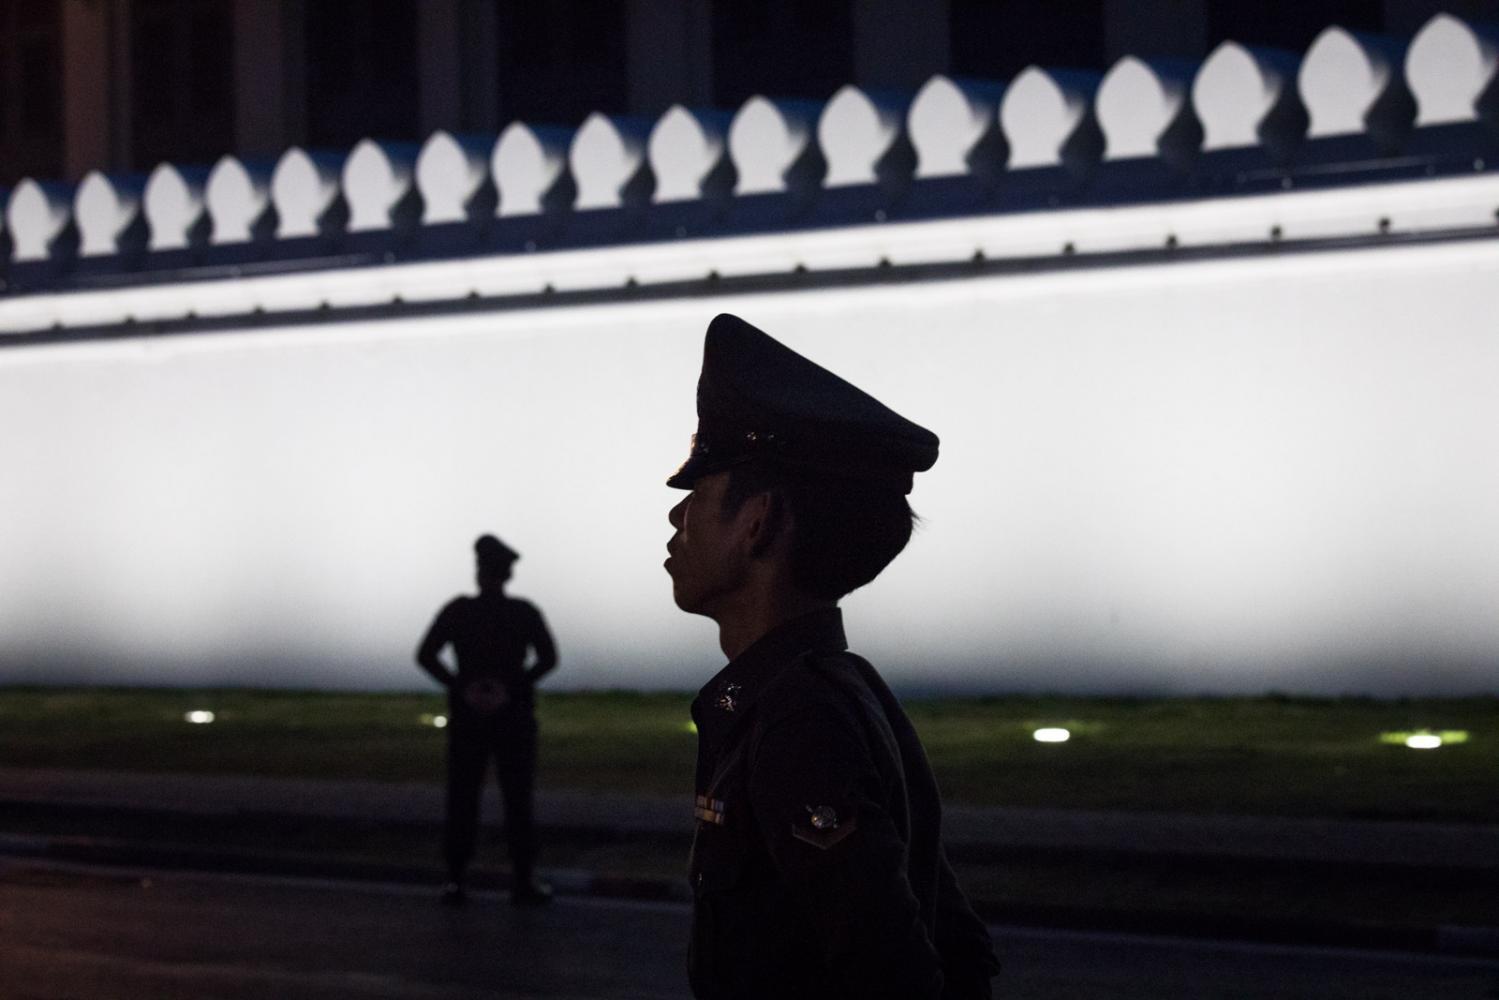 Mourning Thailand's King Bhumibol Adulyadej